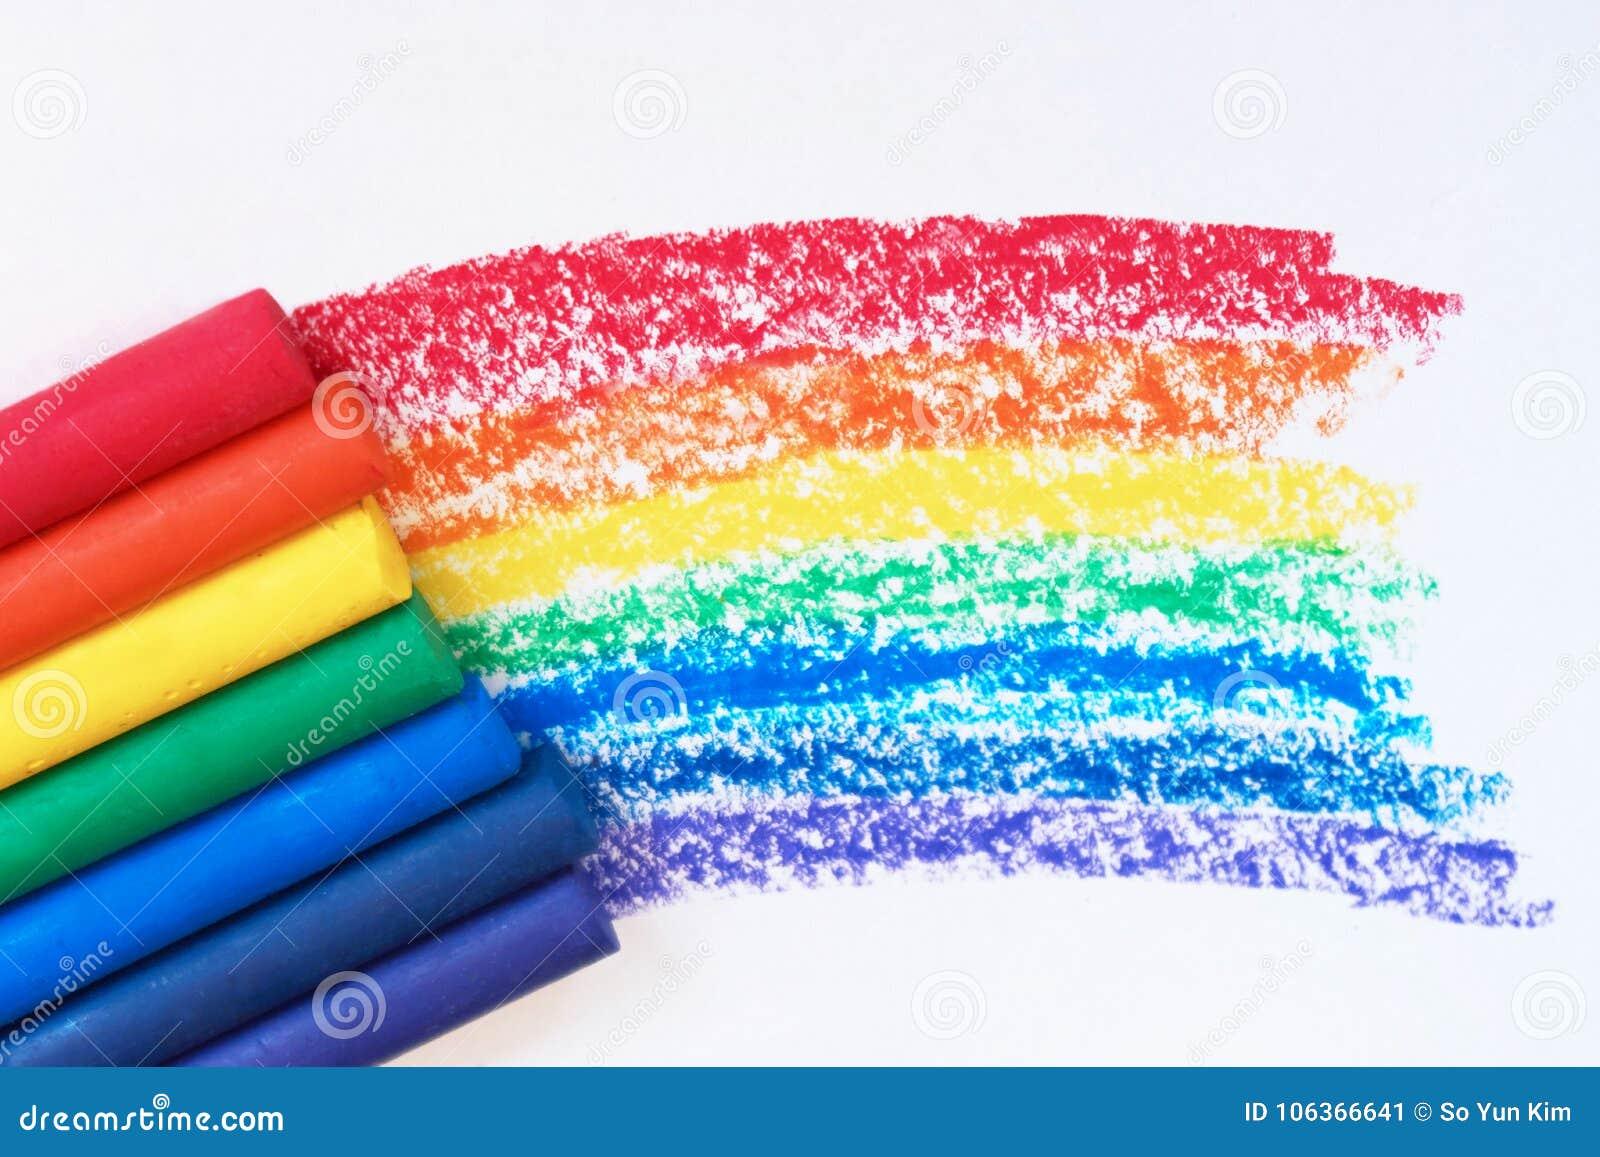 Ein Regenbogen gezeichnet mit Rotem, Orange, Gelbem, Grünem, Blauem, Indigo und purpurrote Zeichenstifte